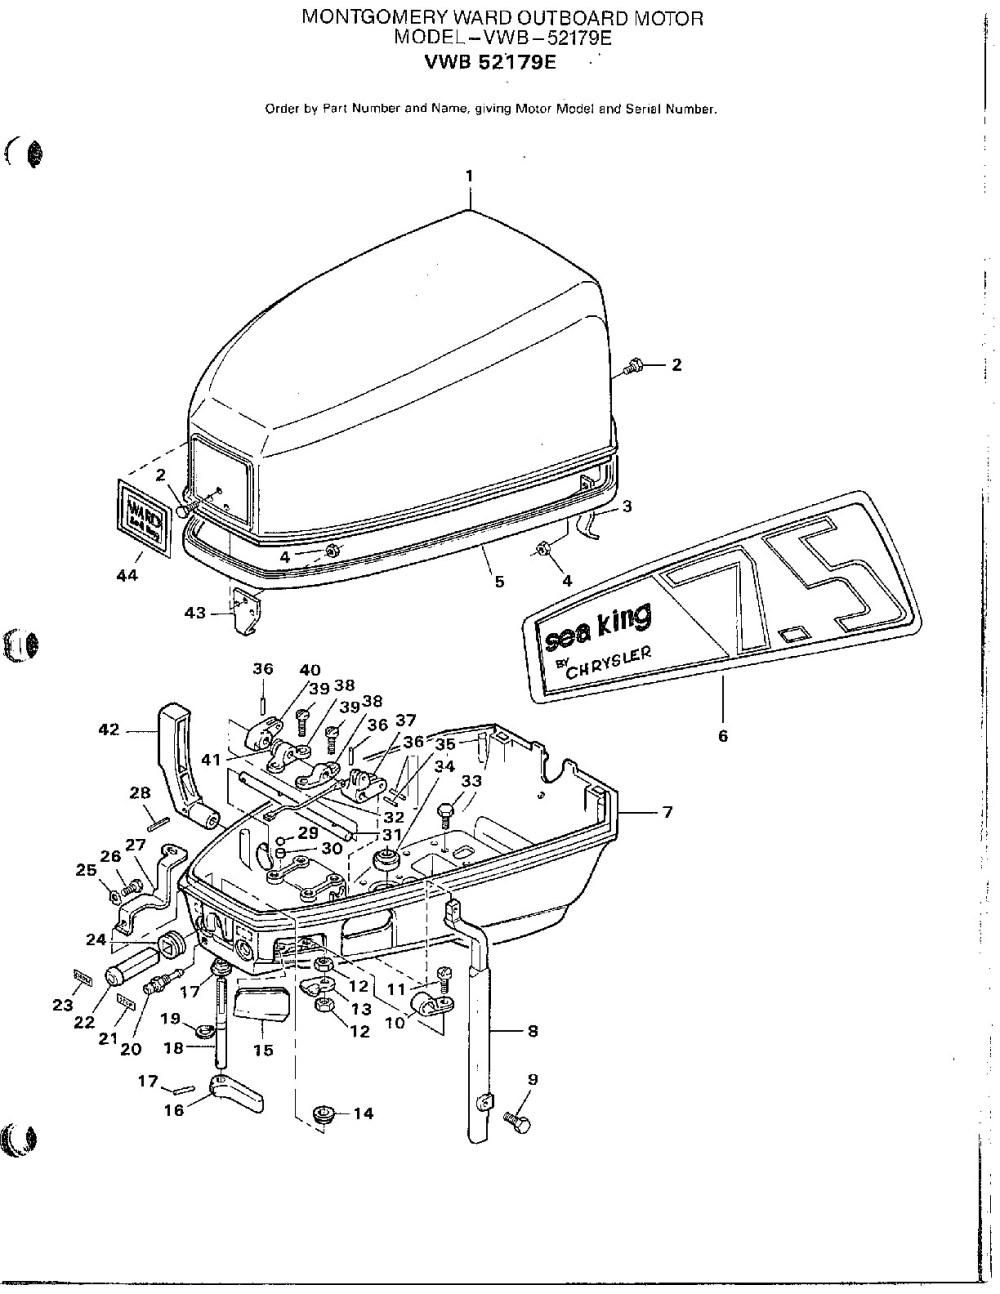 medium resolution of mariner outboard motor wiring diagram